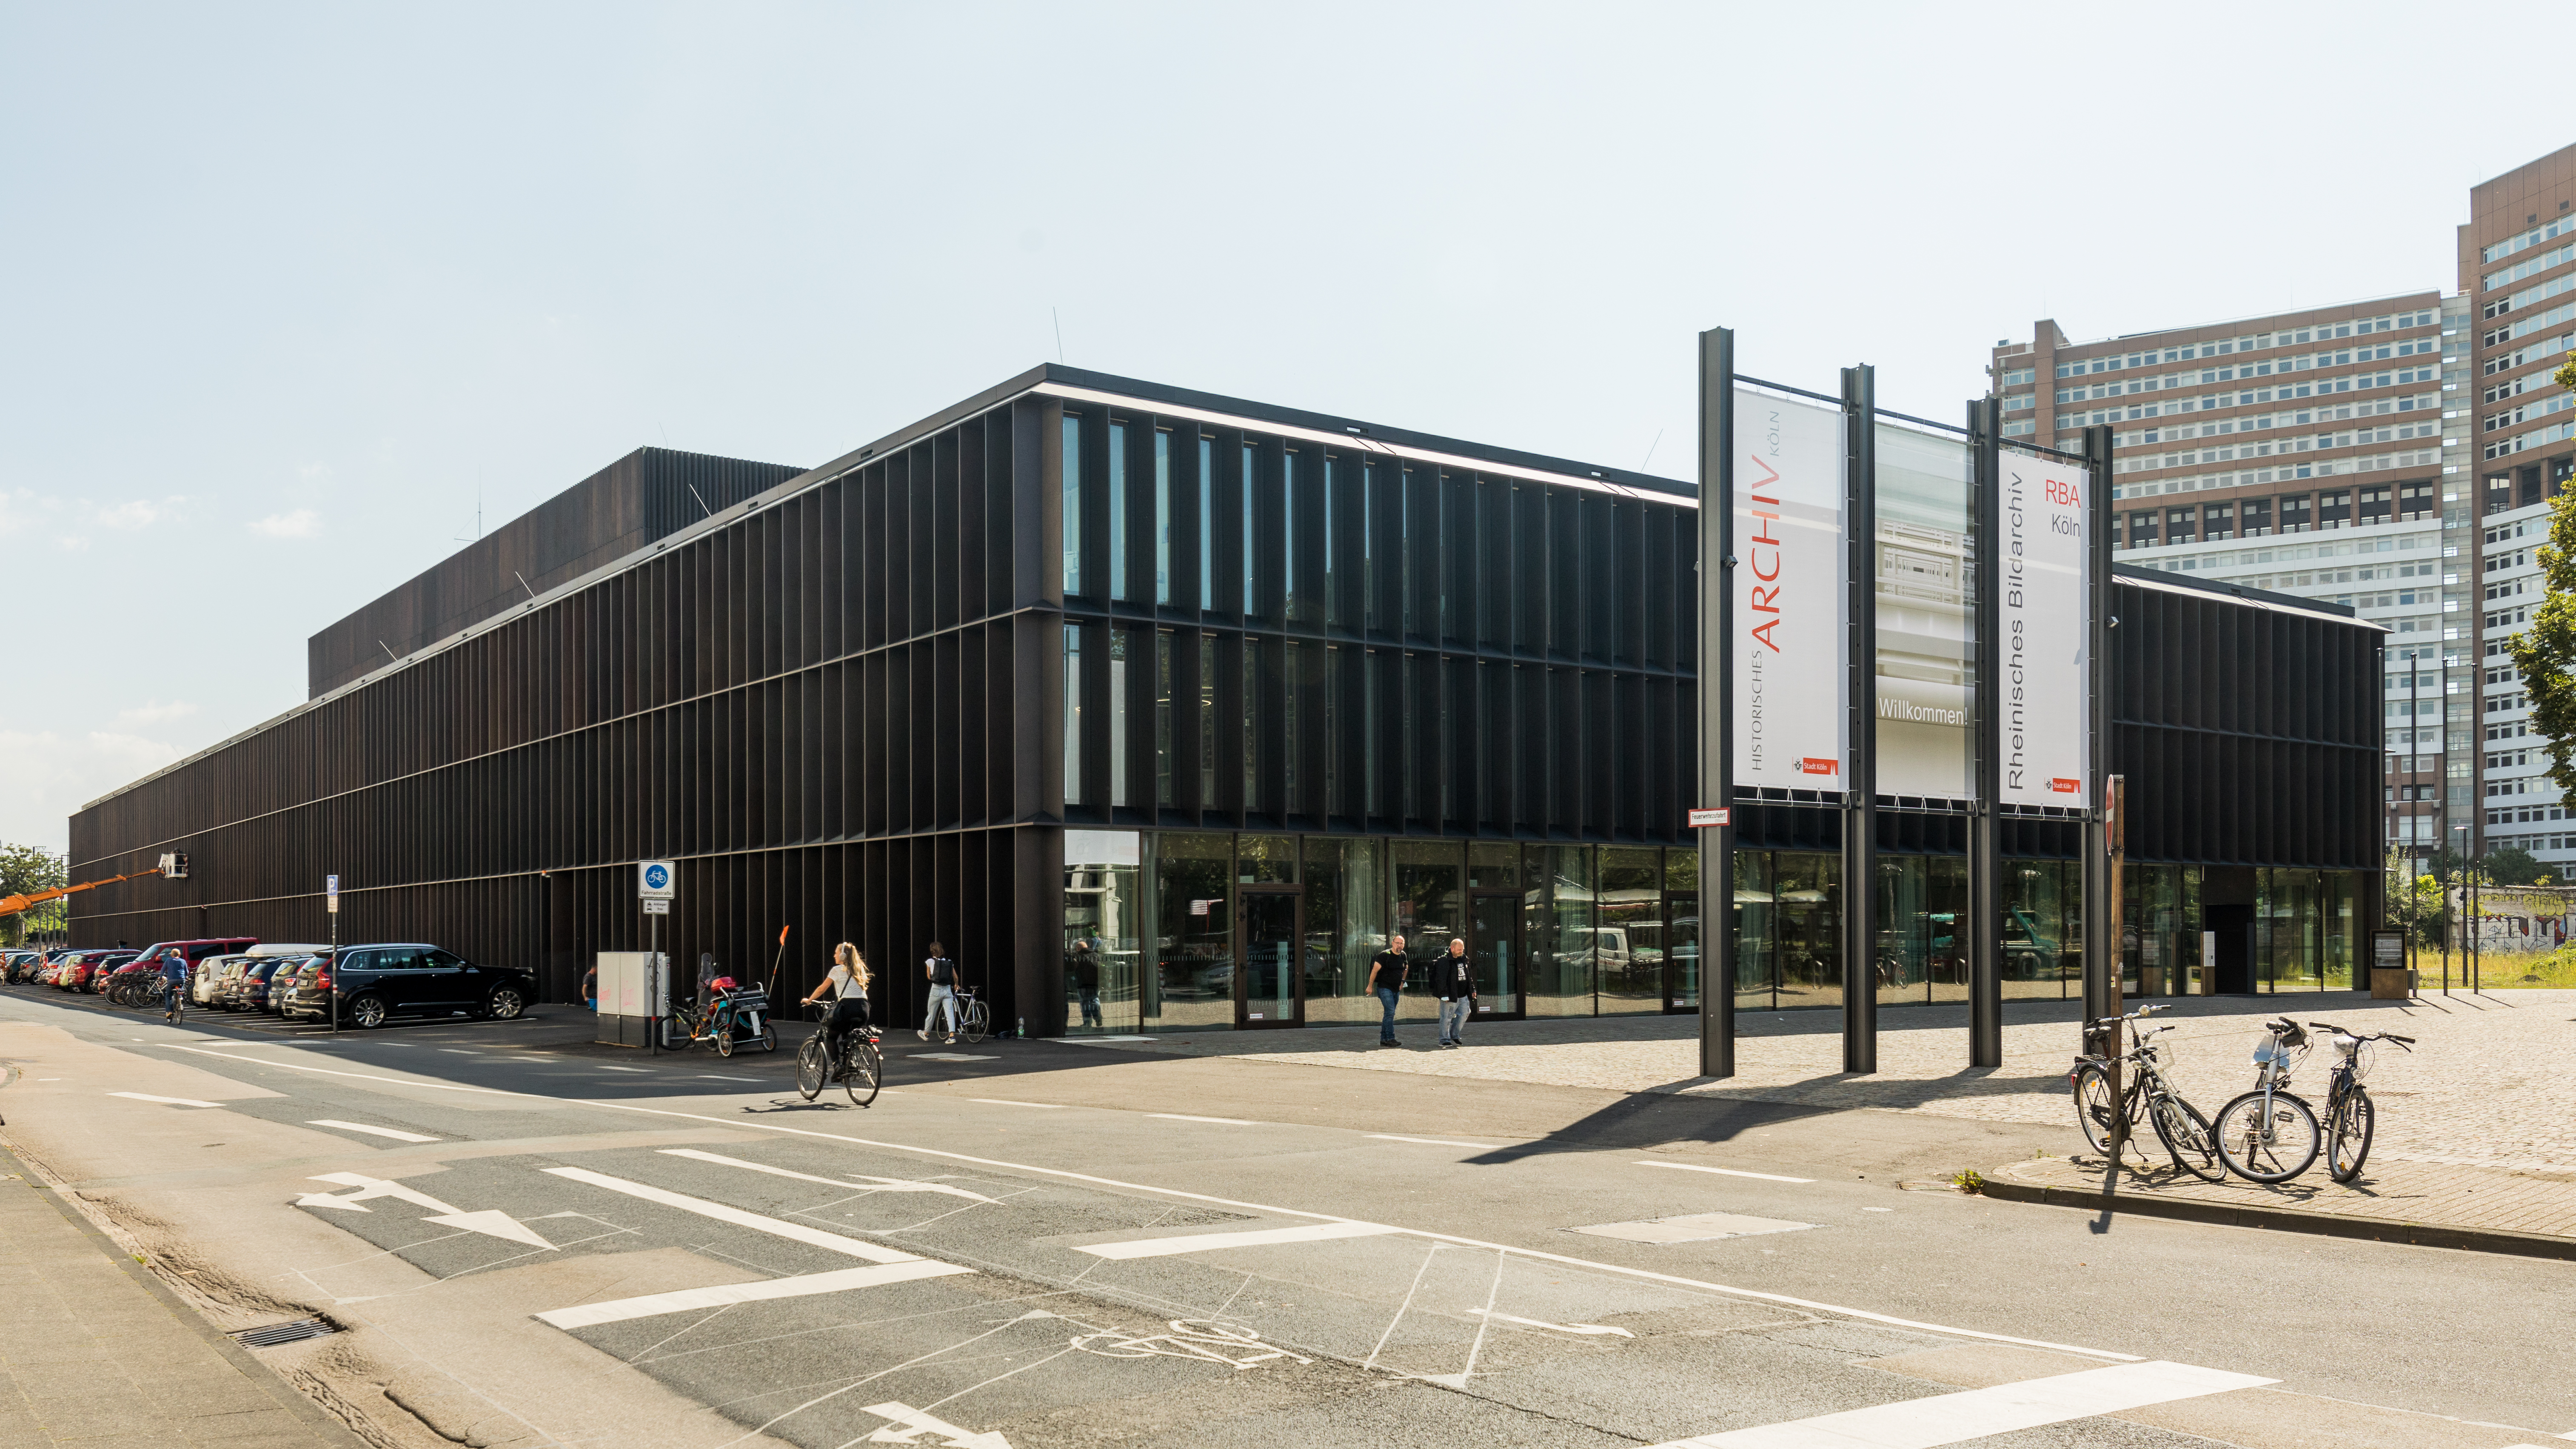 Archivgebäude Eifelwall, 2021